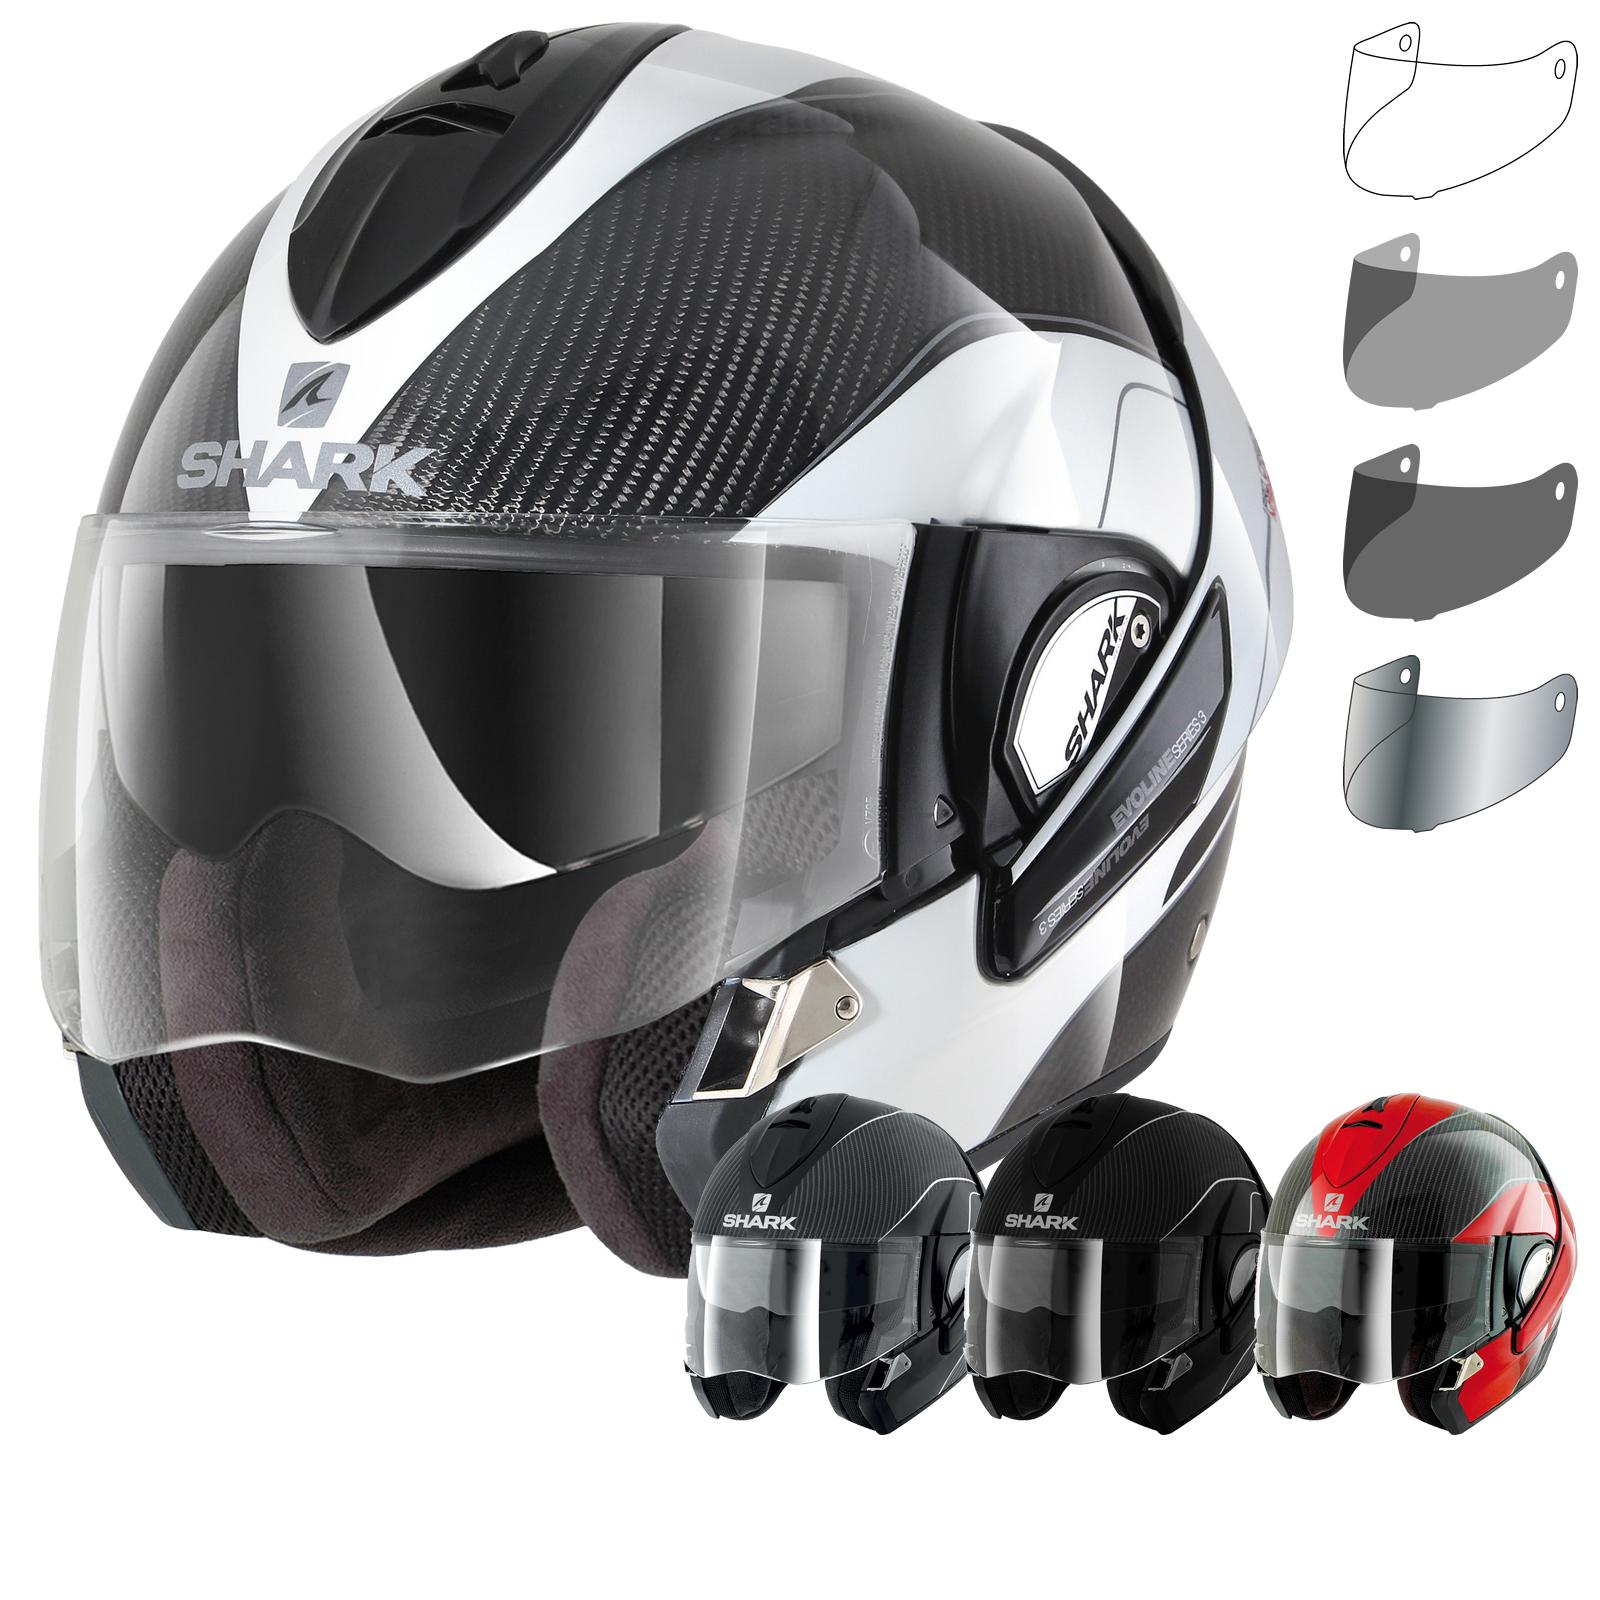 shark evoline pro carbon flip up front motorcycle motorbike helmet modular visor ebay. Black Bedroom Furniture Sets. Home Design Ideas